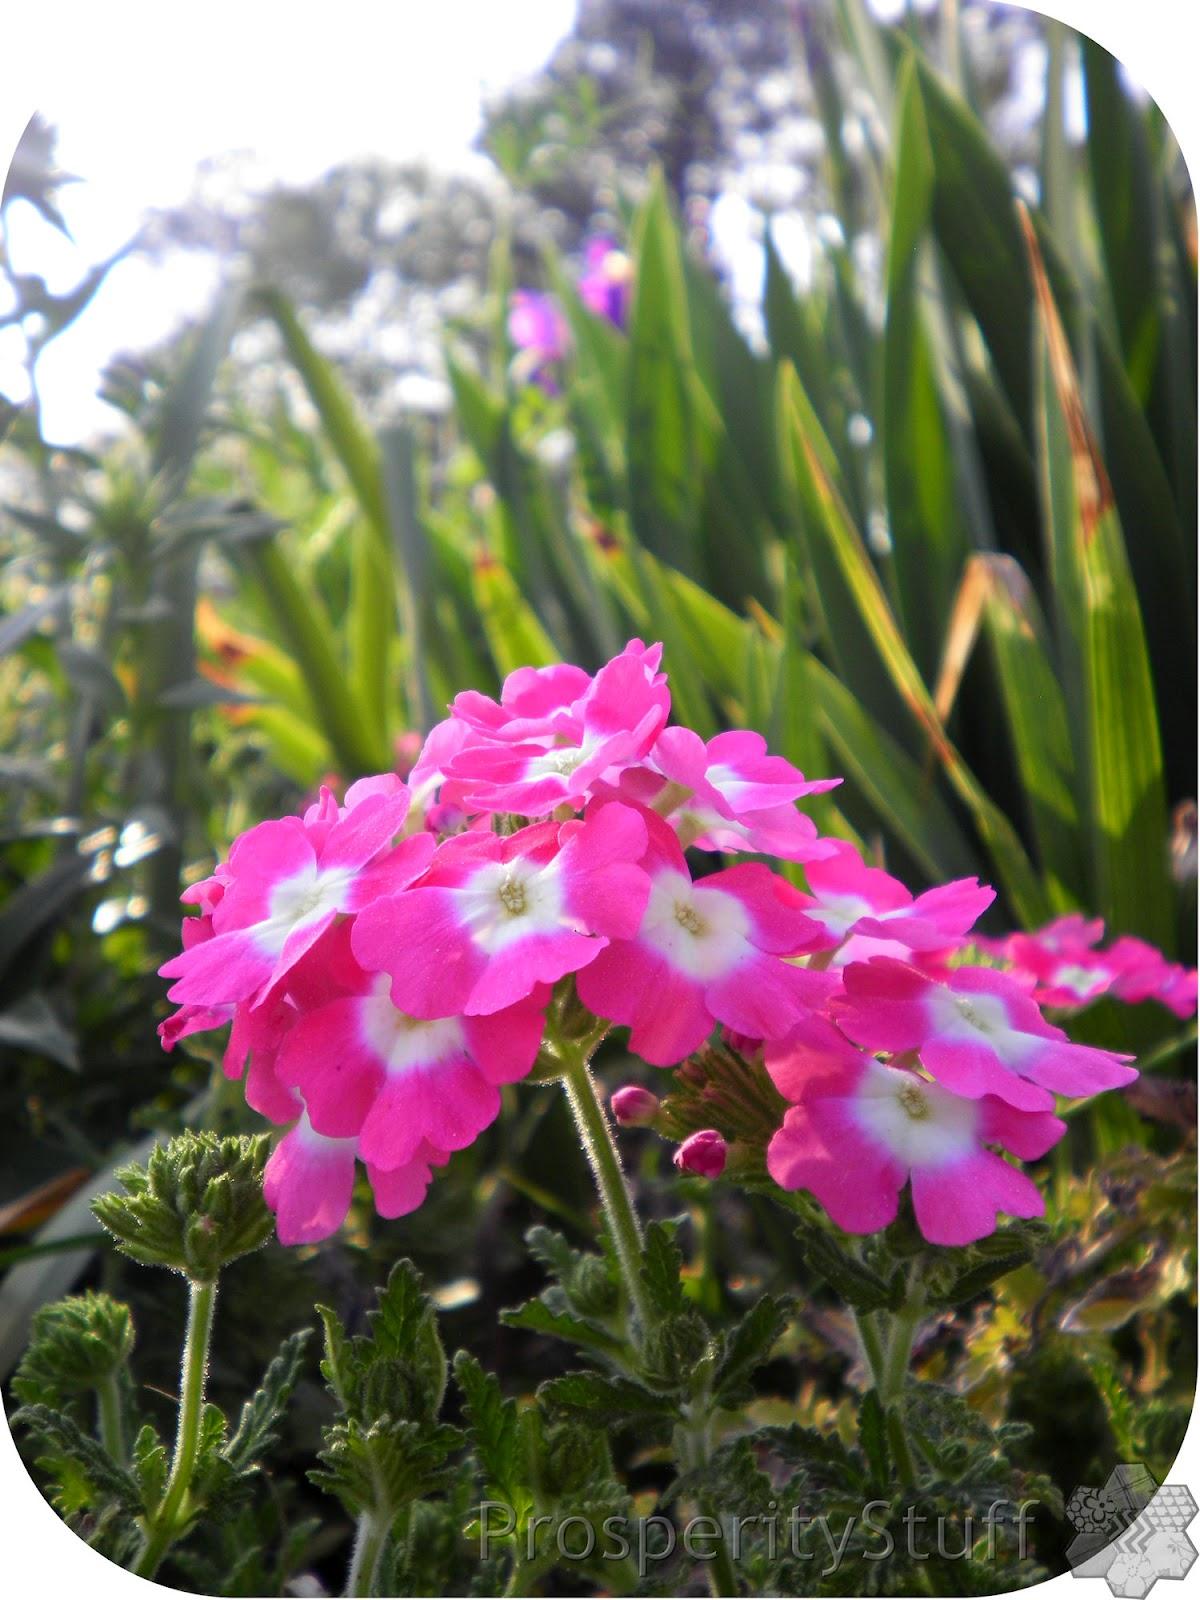 ProsperityStuff Quilts: Pink Perennials